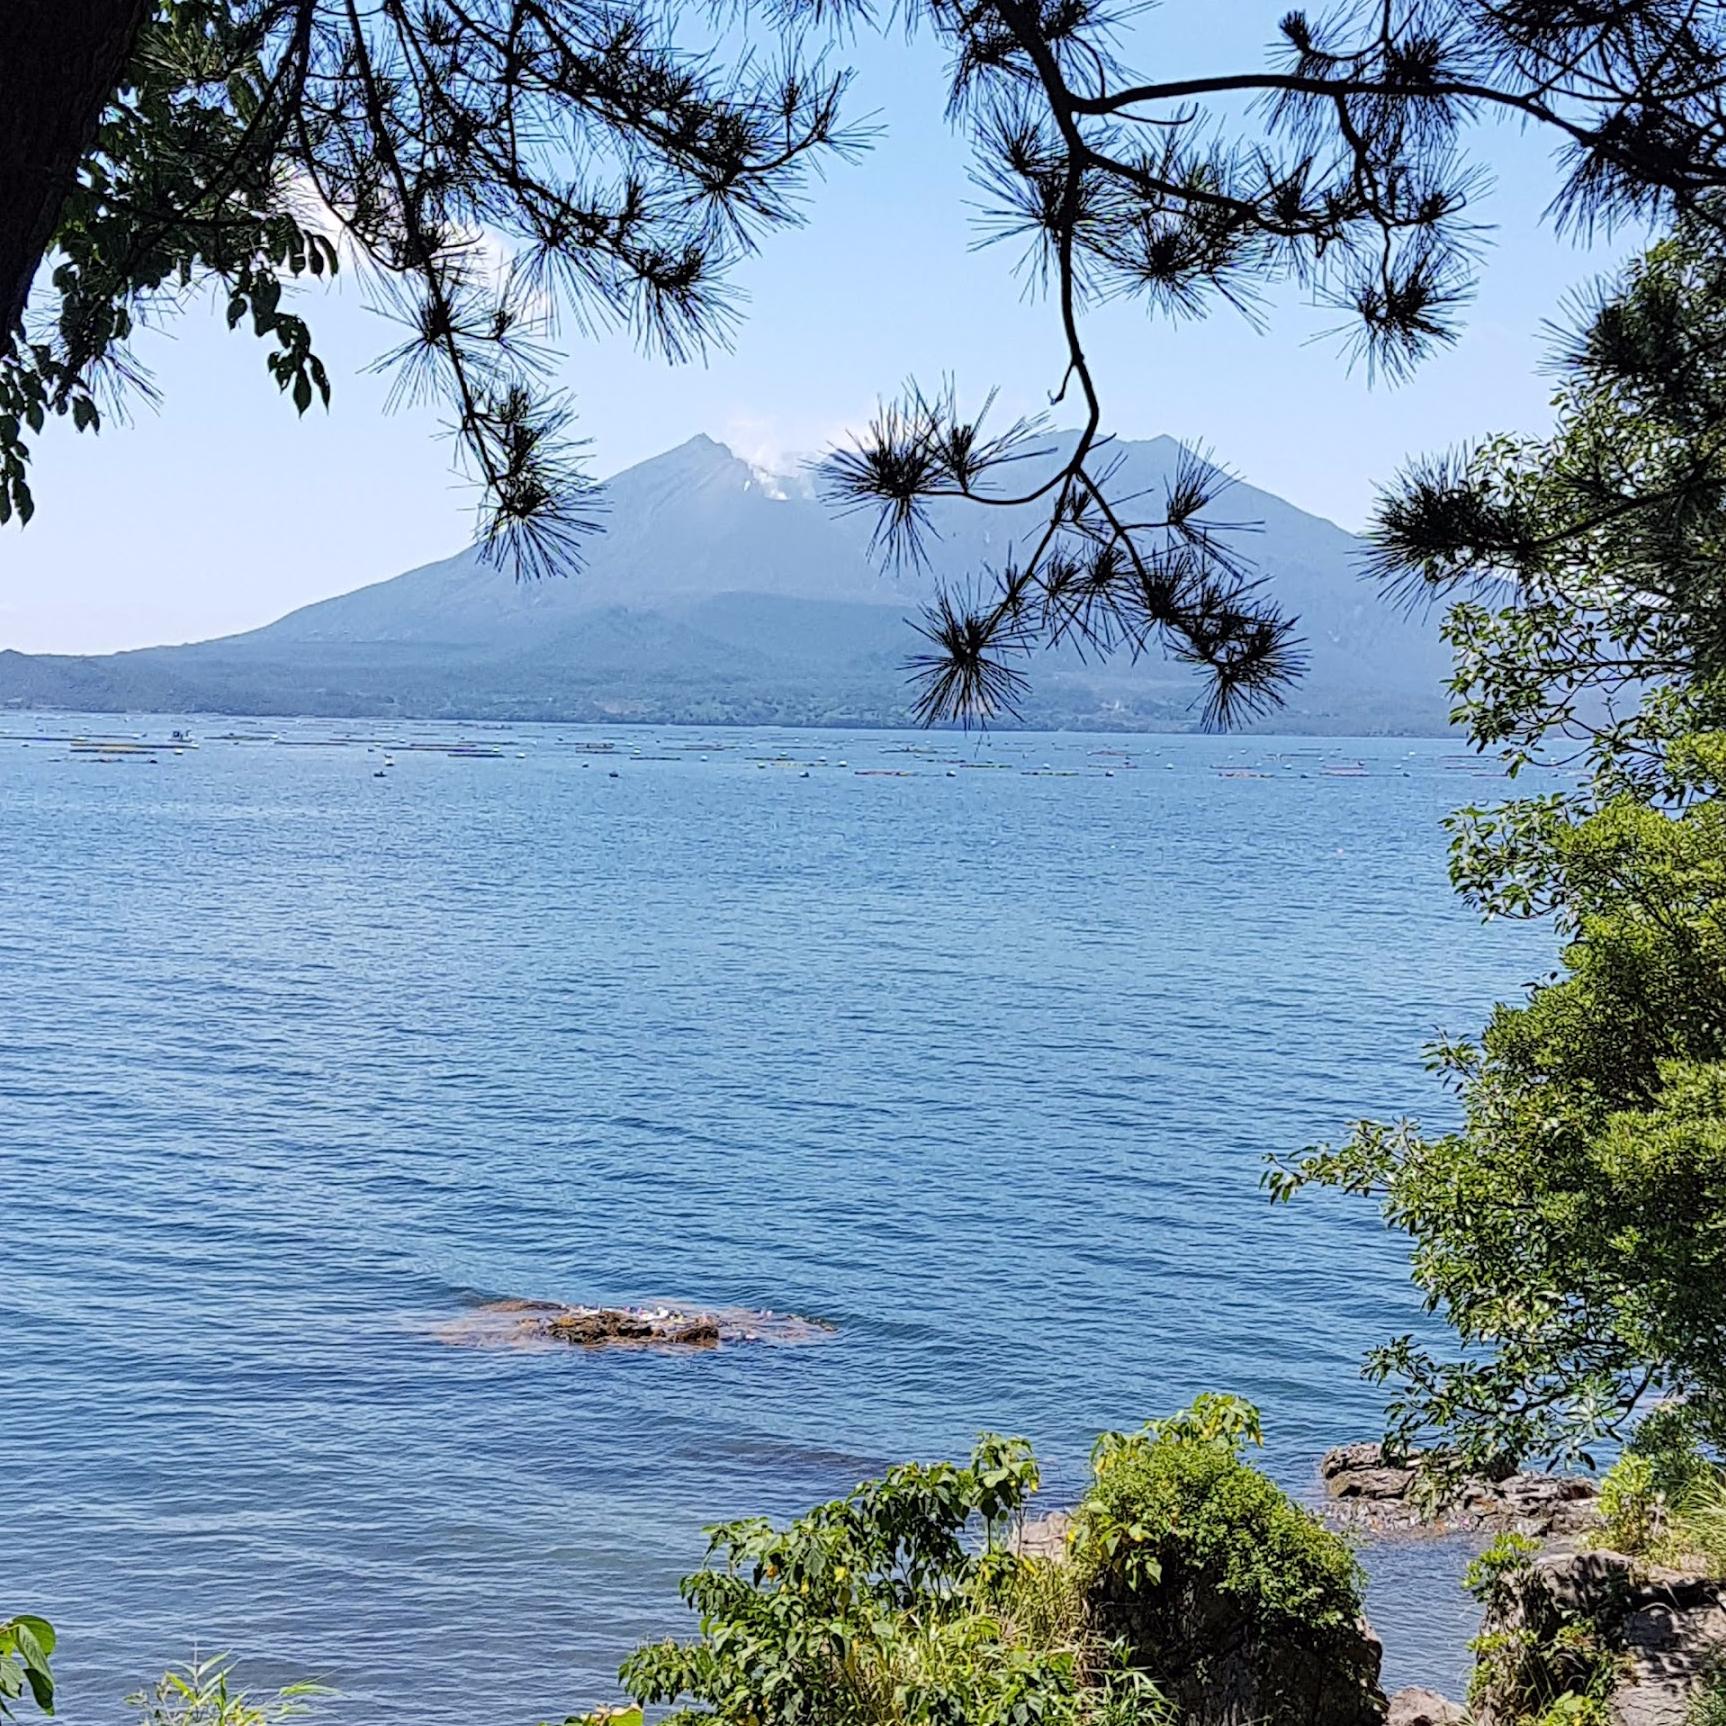 Mount Sakurajima, Kagoshima